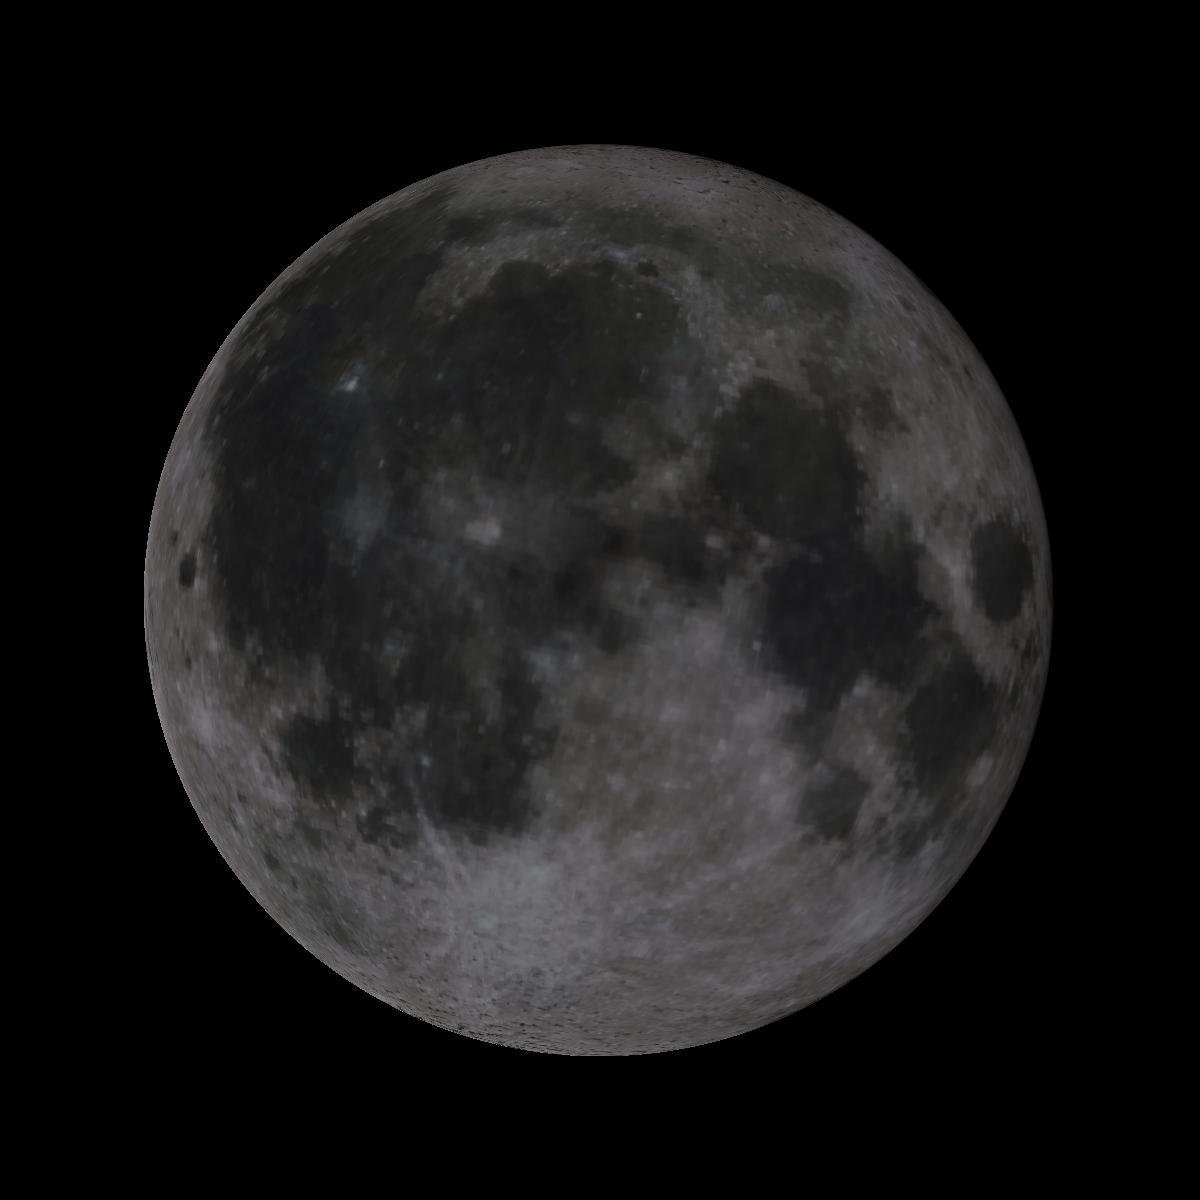 Lune du 13 novembre 2019